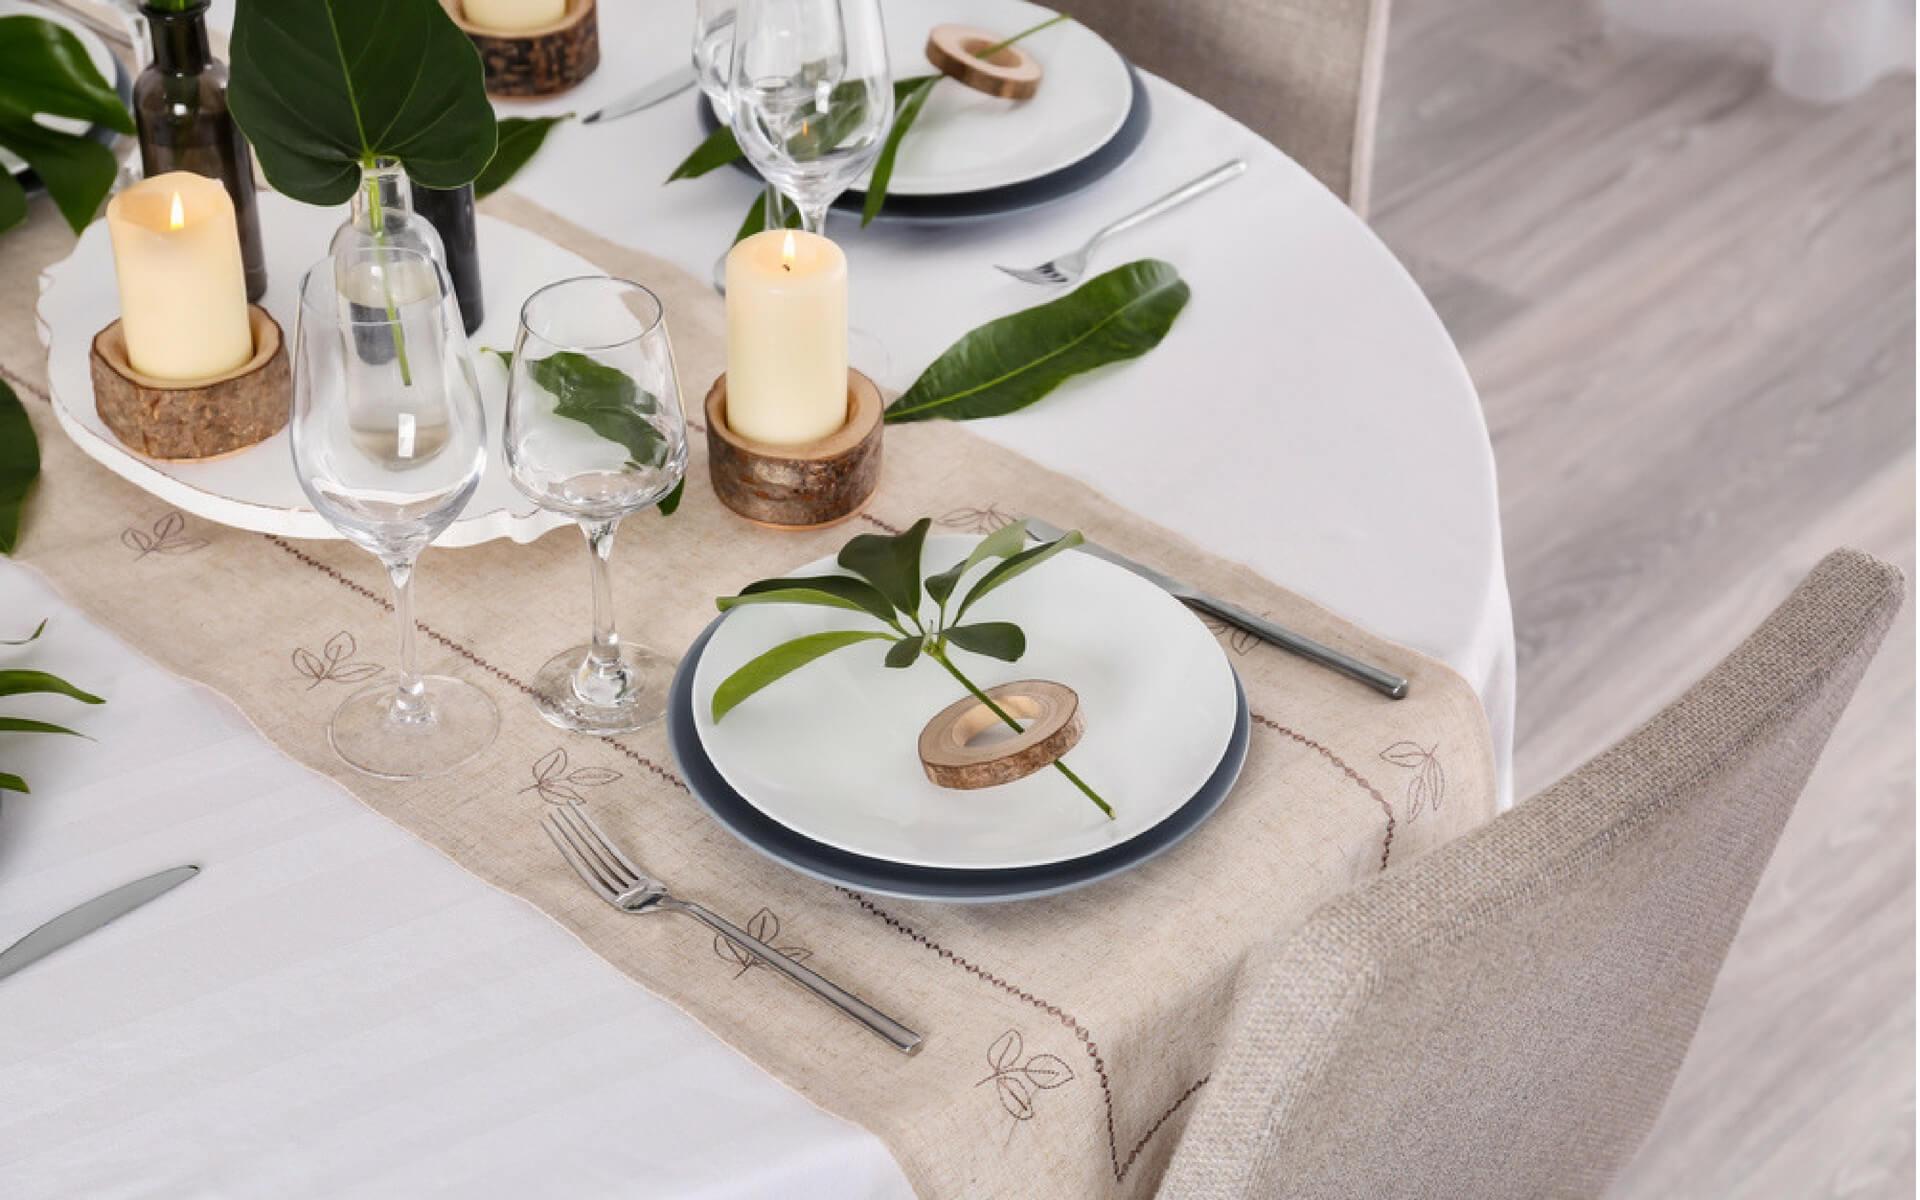 Consigli per decorare la tavola per la festa di Ferragosto